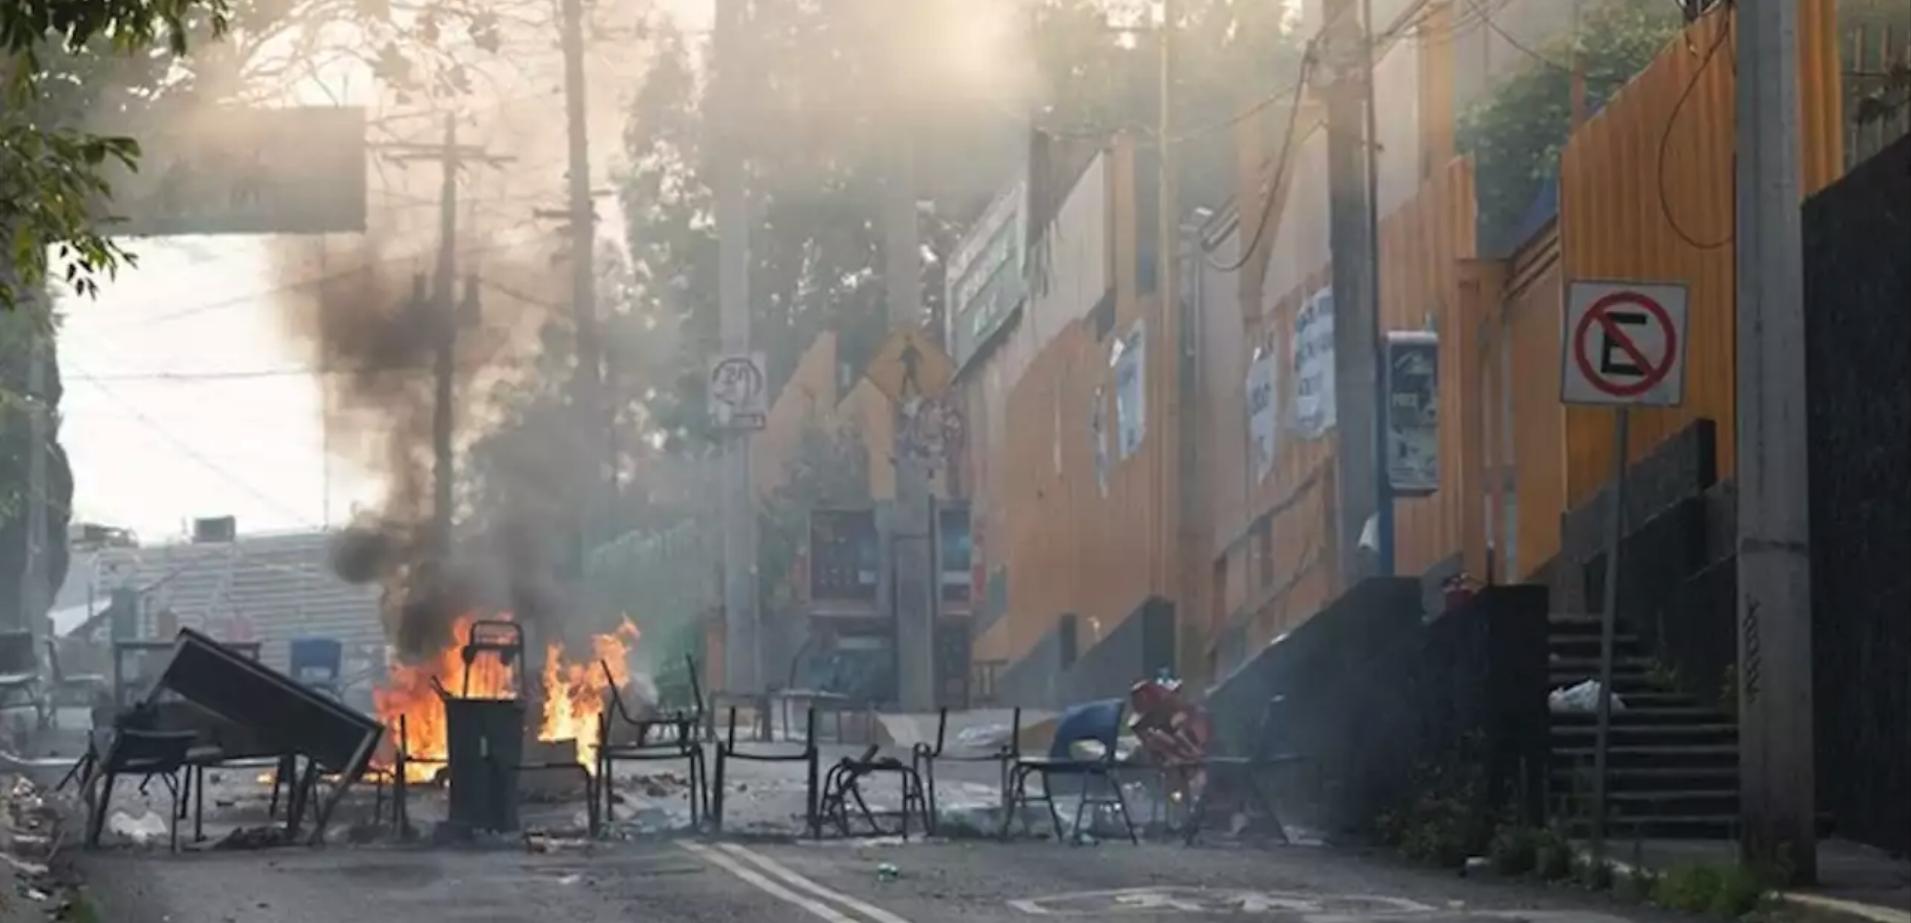 UNAM, interpone, denuncia, FGR, quema, mobiliario, CCH Sur, Colegio, Ciencias, Humanidades,